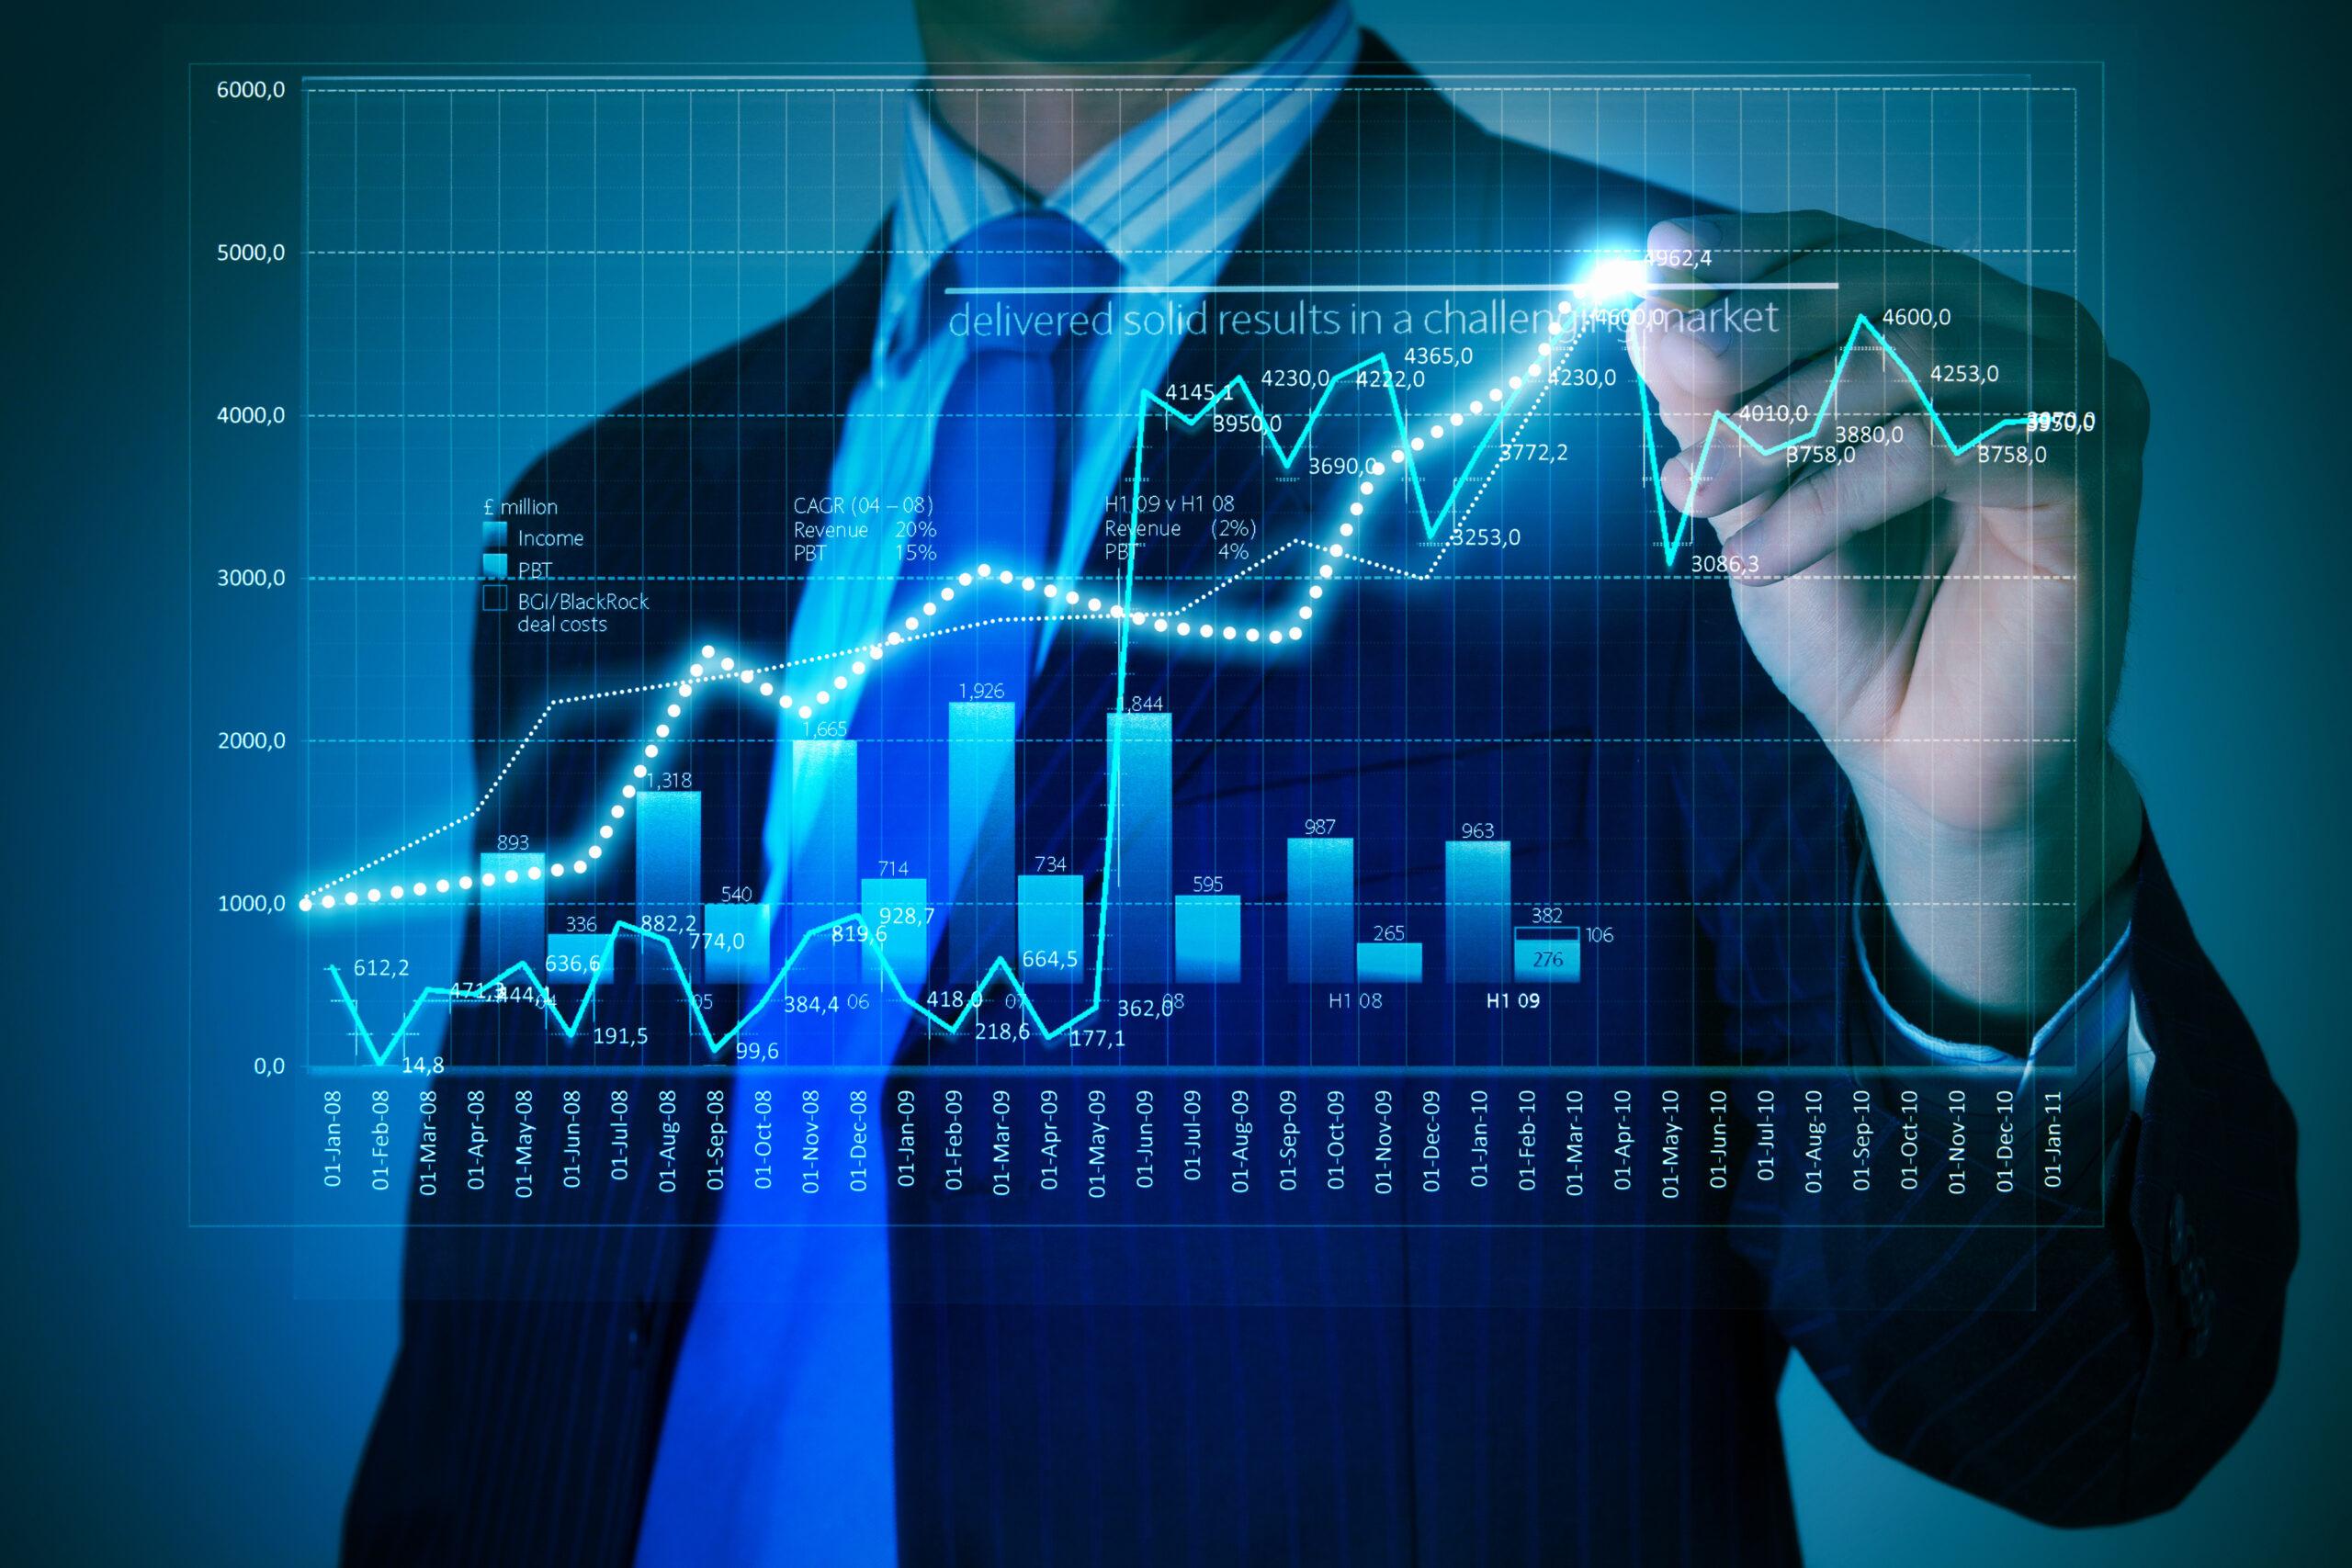 Podle dražebních portálů schází firmám likvidita